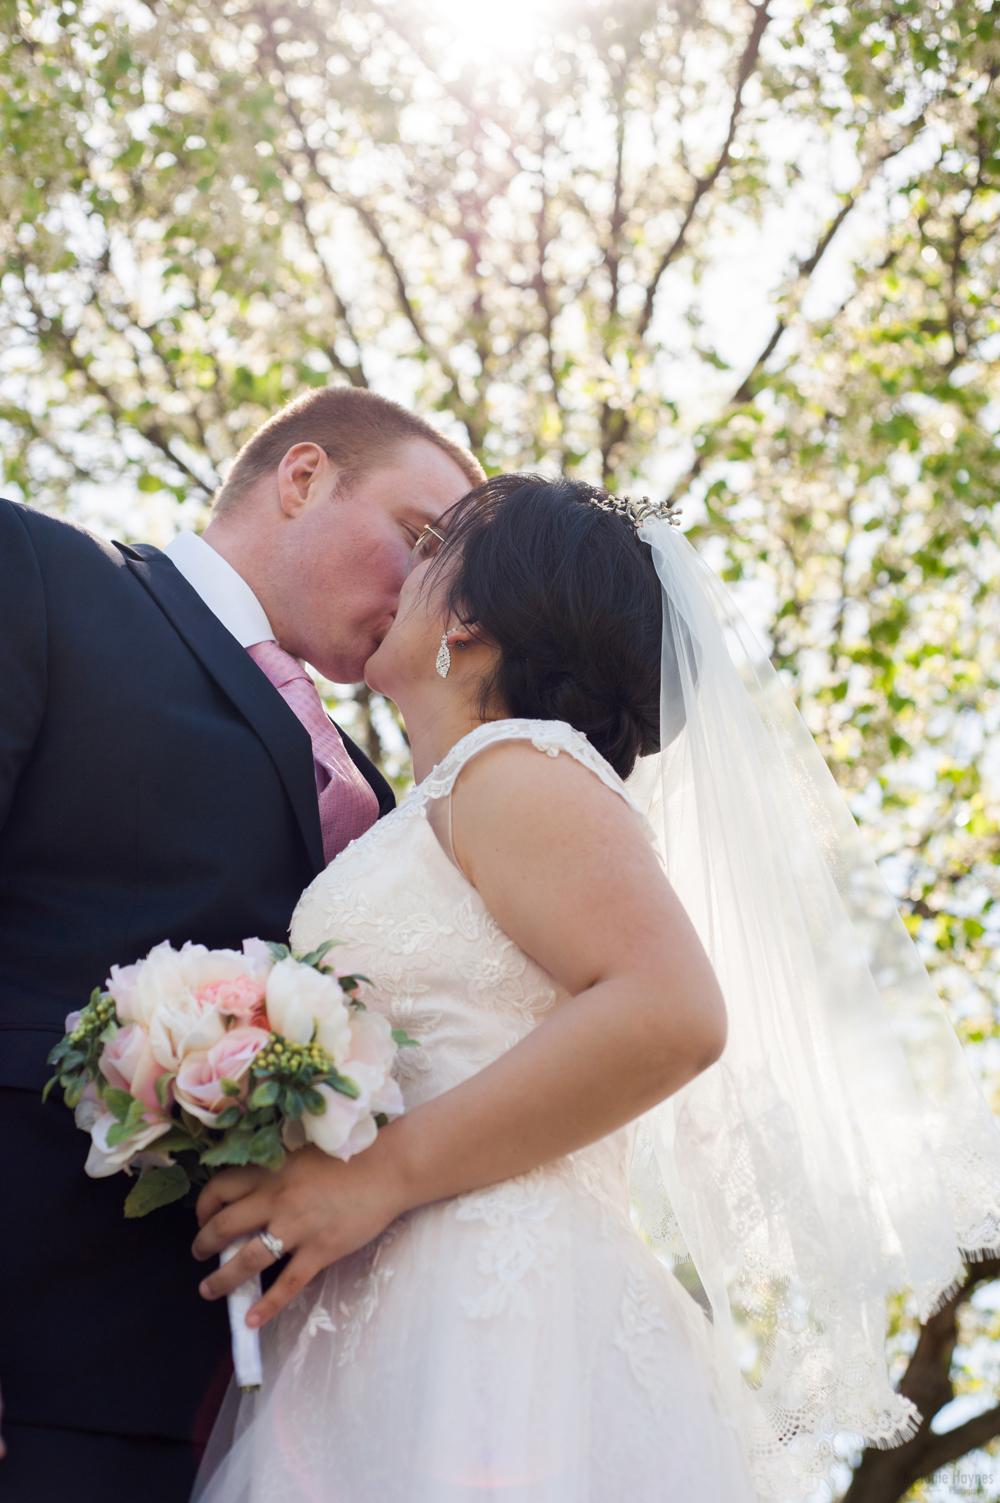 mhaynesphoto_weddingphotography_wm03